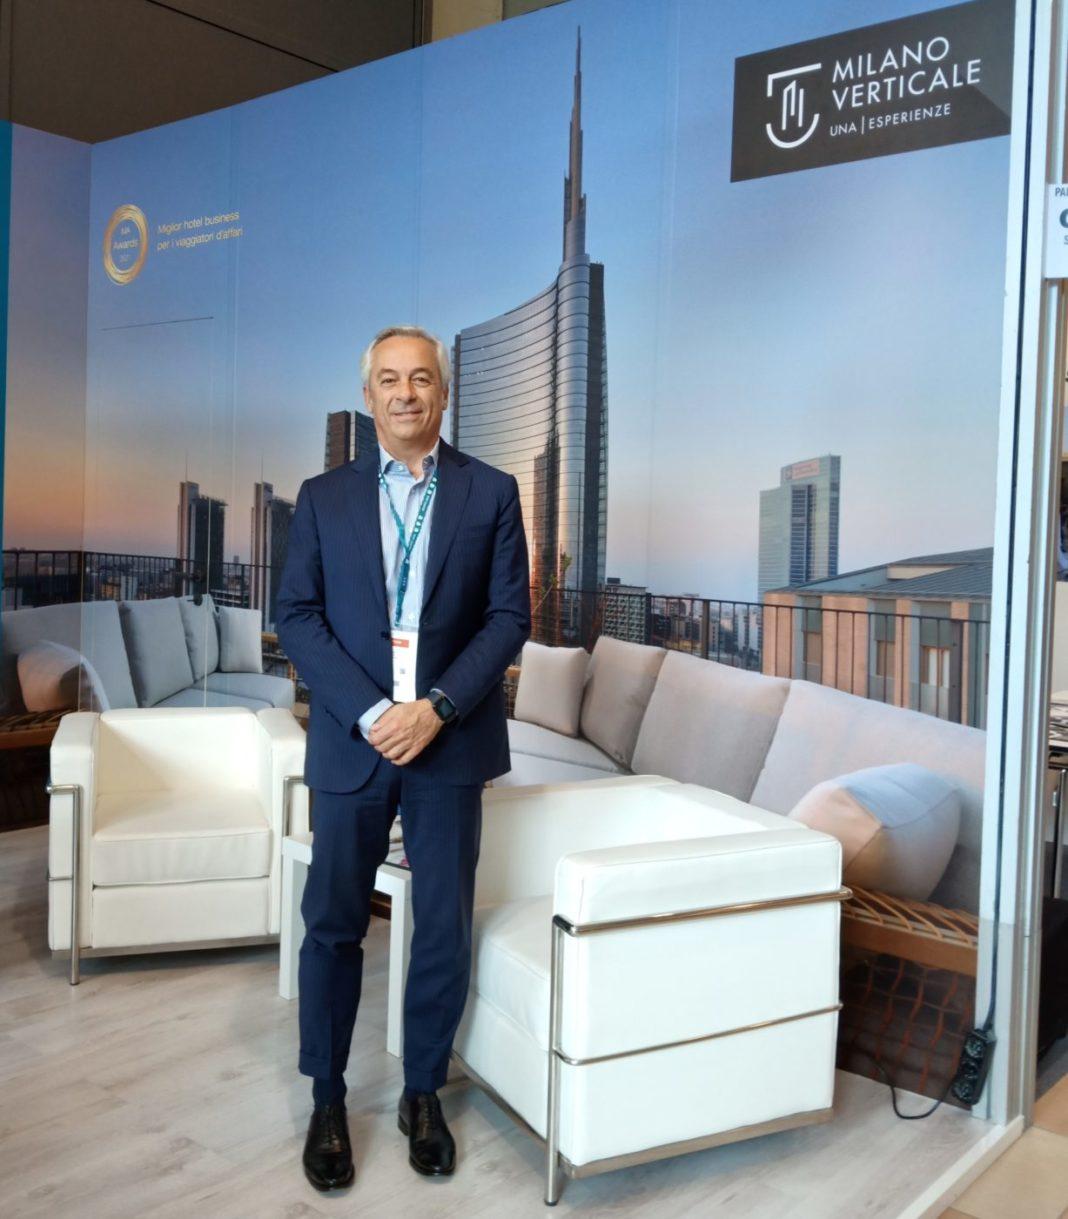 Fabrizio Gaggio, Managing Director di Gruppo UNA